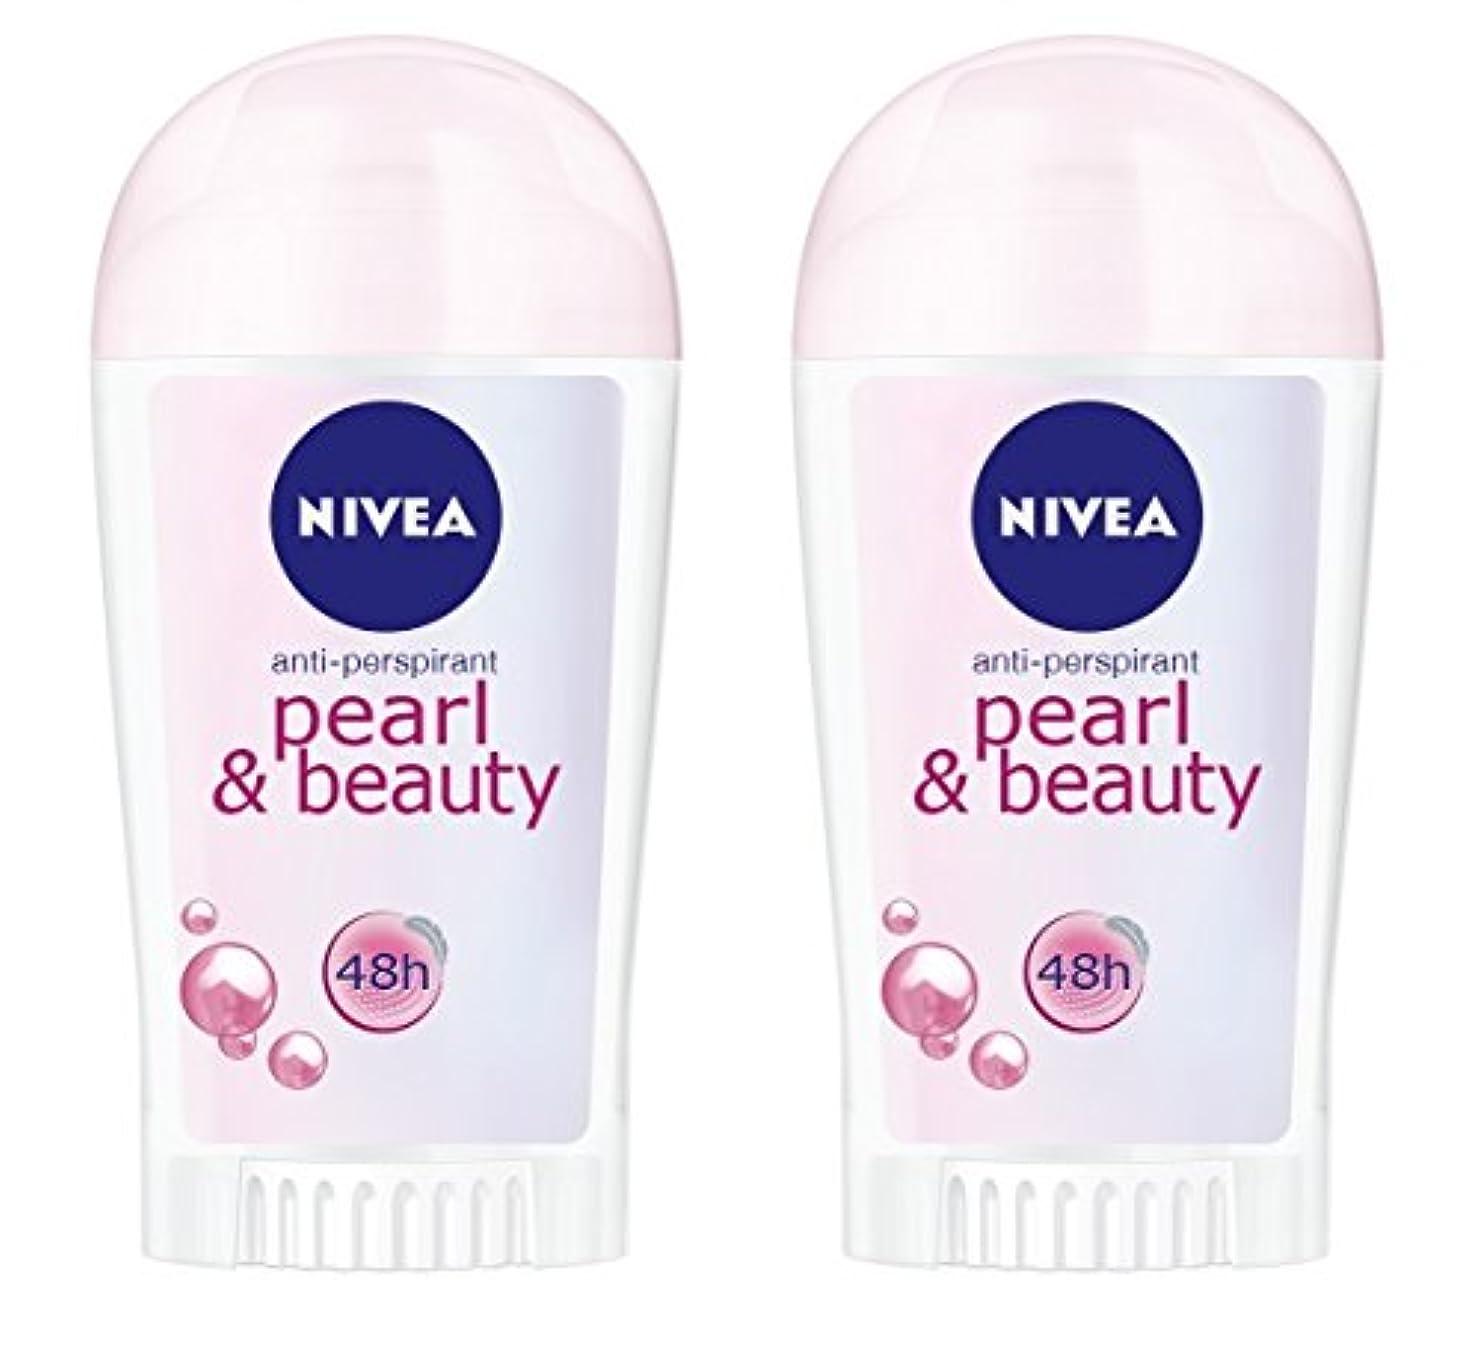 絵沈黙個人(2パック) ニベアパールそしてビューティー制汗剤デオドラントスティック女性のための2x40ml - (Pack of 2) Nivea Pearl & Beauty Anti-perspirant Deodorant...